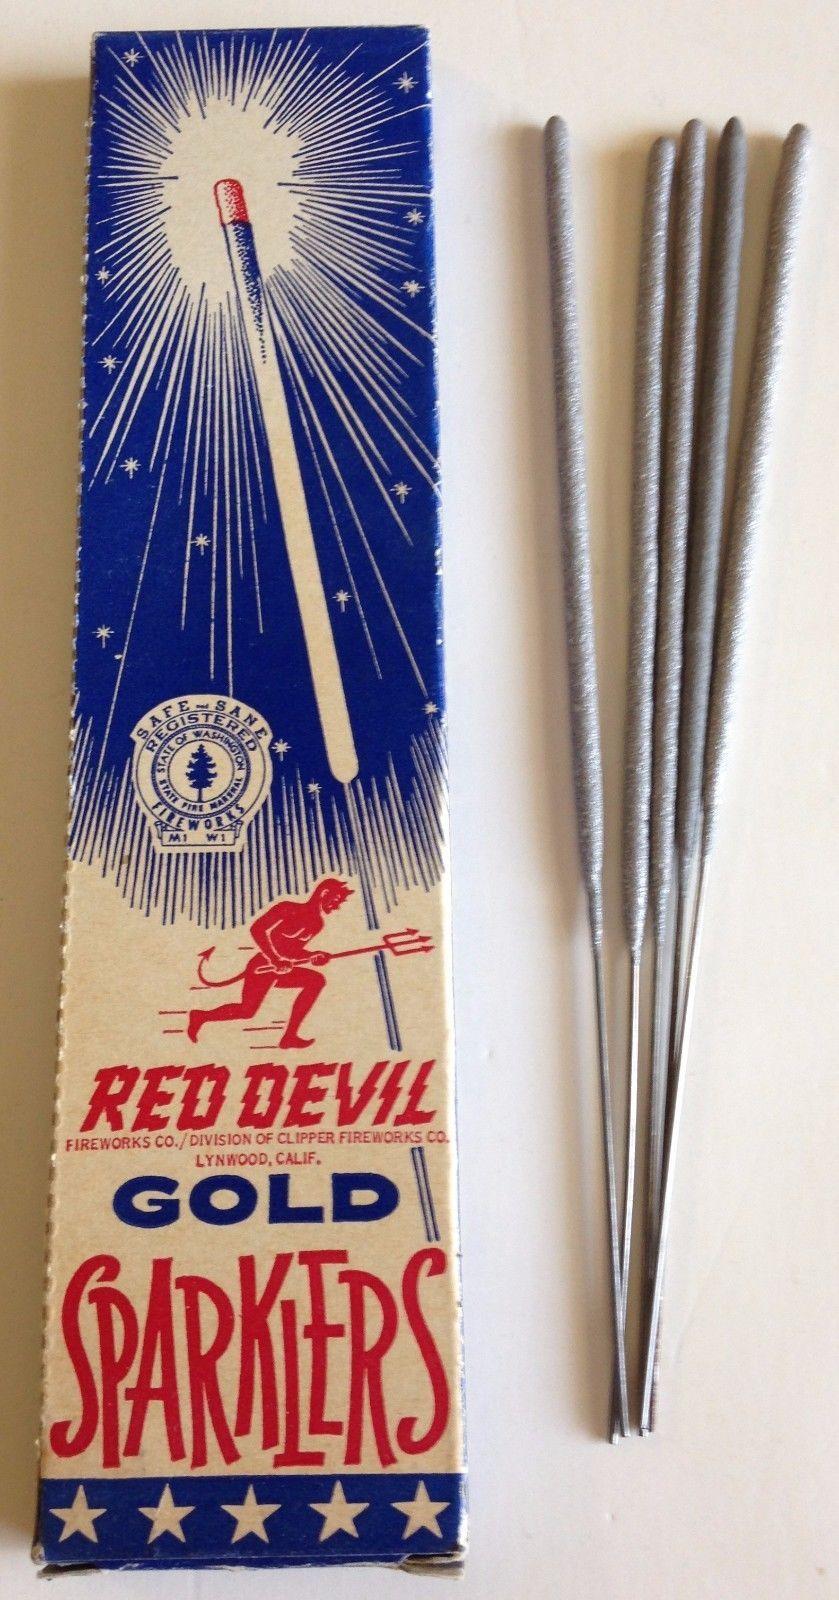 1960s Red Devil Gold Sparklers, Box + 5 Unused Sparklers